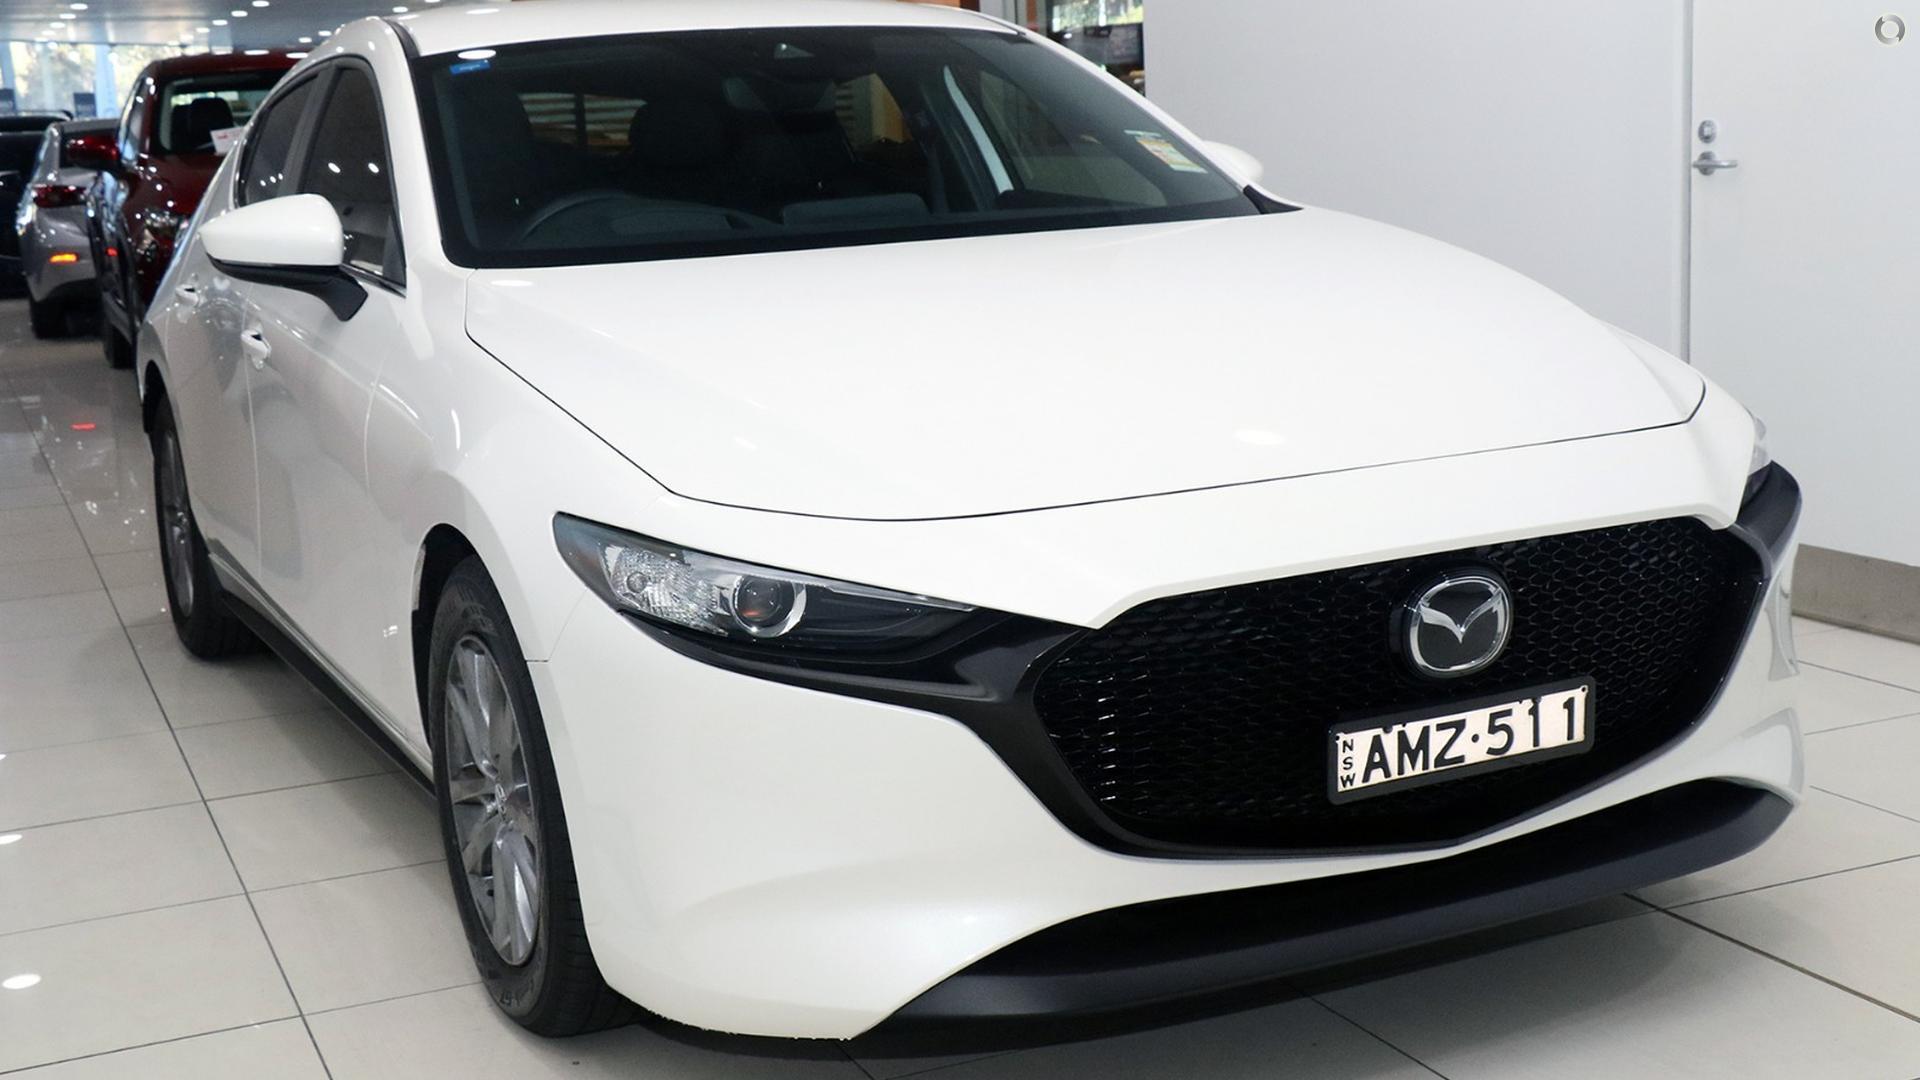 Demo cars - Artarmon Mazda